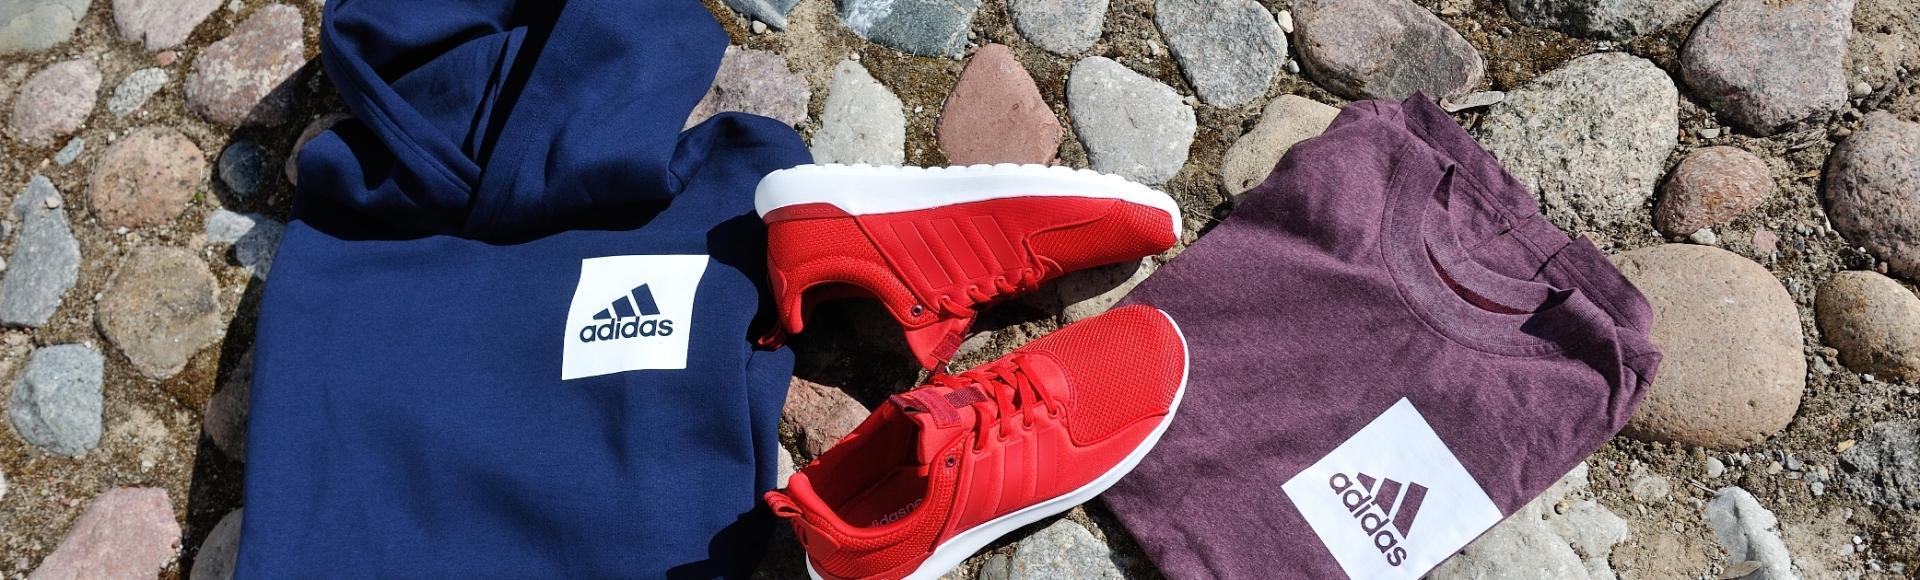 Adidas, Adidas clothing, Adidas footwear, Adidas shoes - Sportsman24